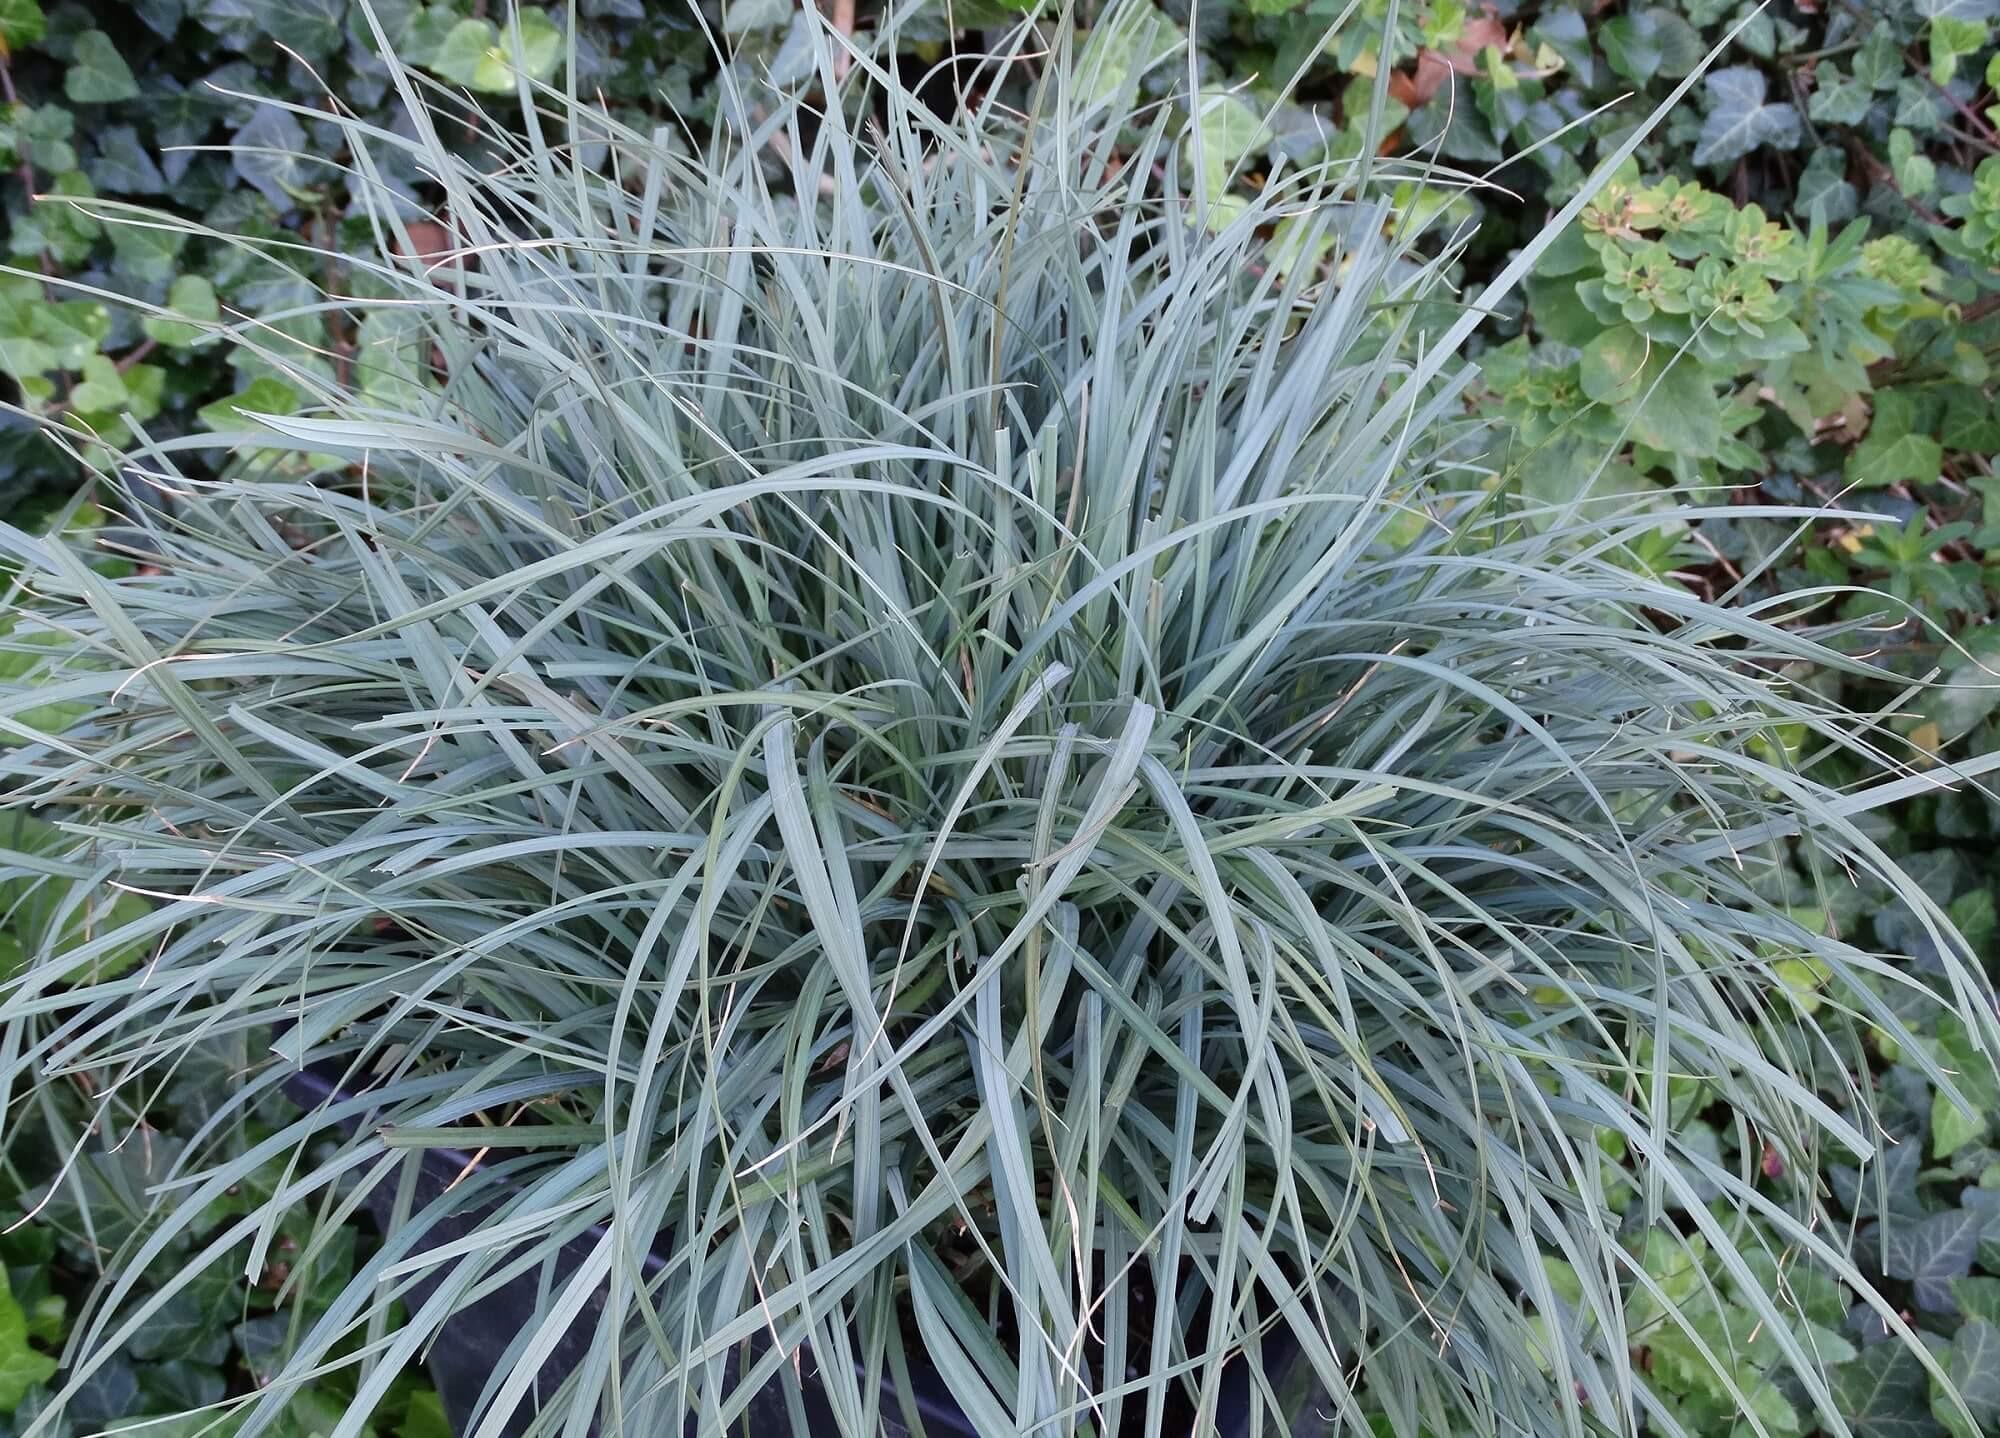 Hirse-Segge (Carex panicea) 'Pamira' T12 - winterhart